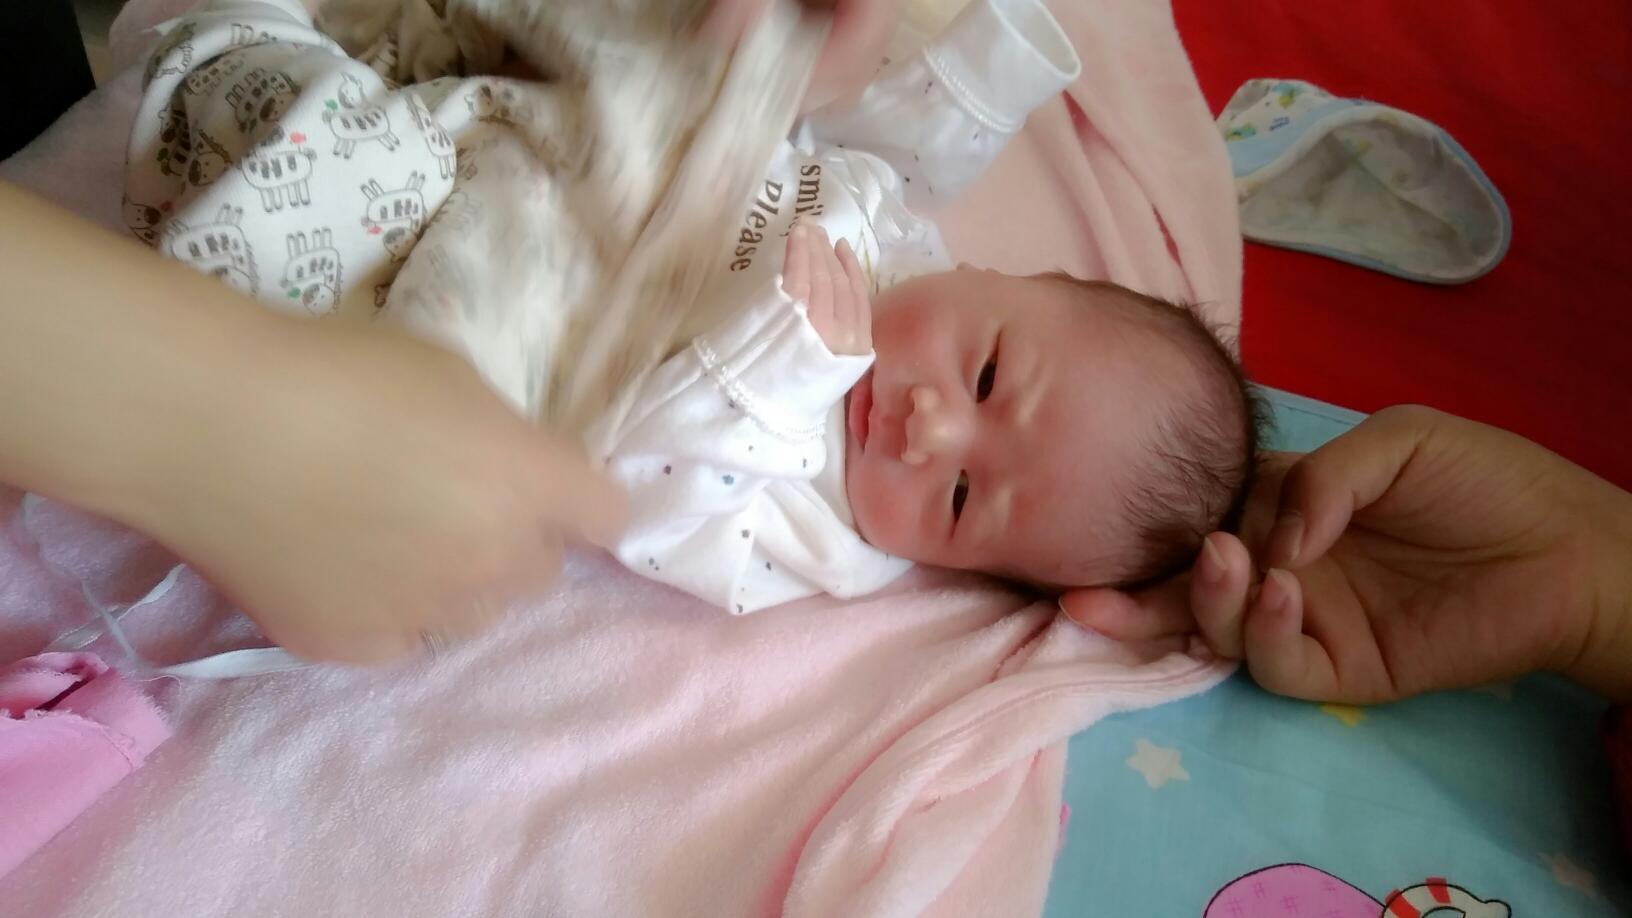 刚出生没几天,宝宝后脑勺长了个胞怎么办,是什么引起的呢